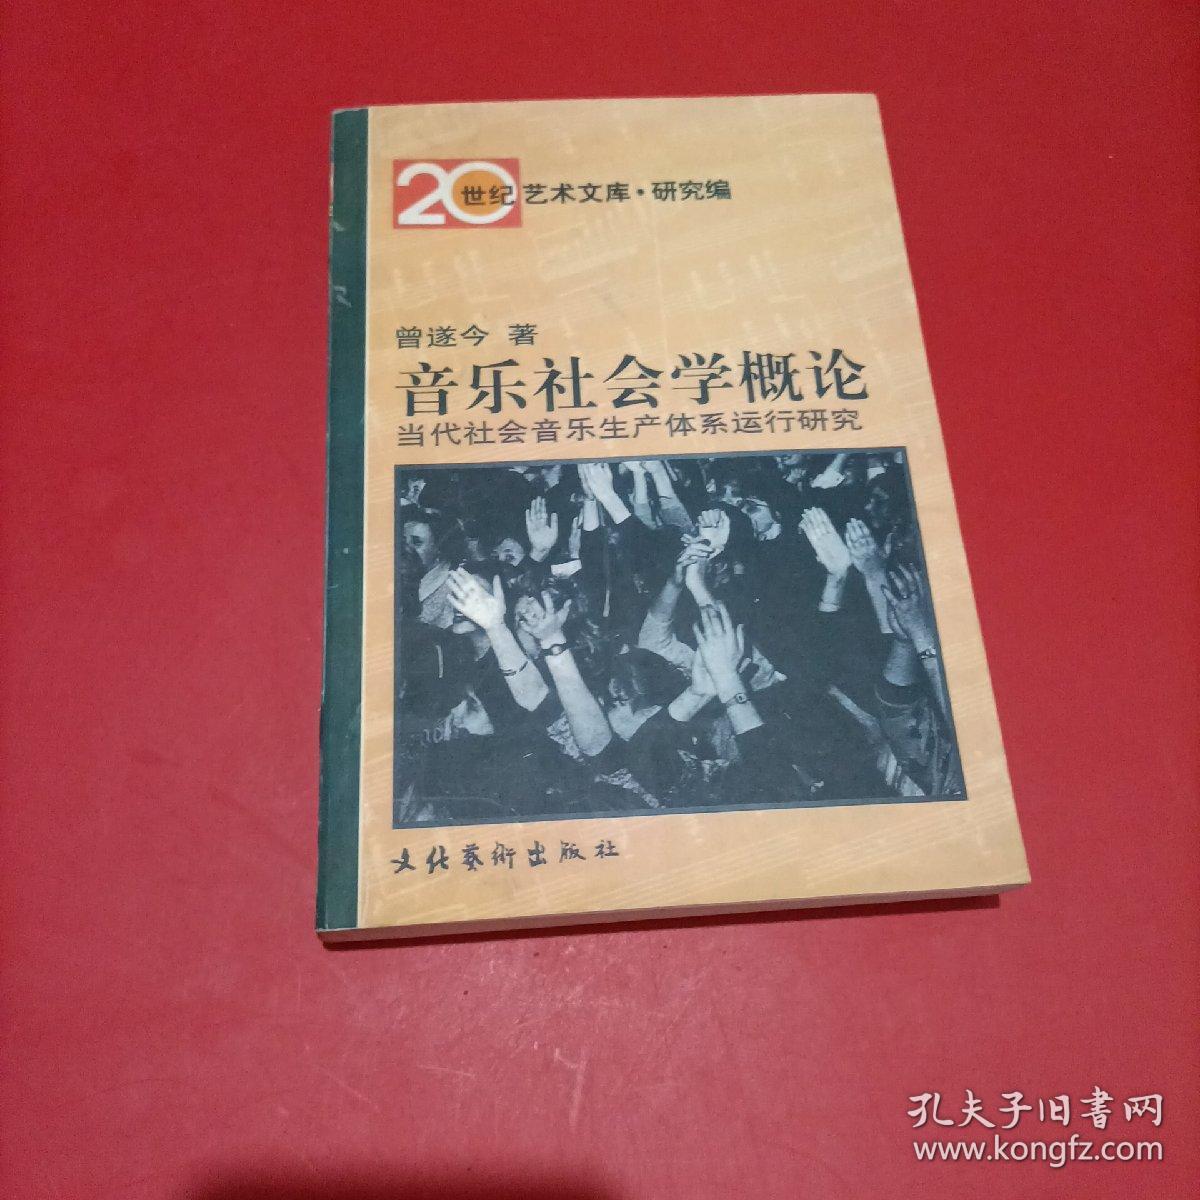 音乐社会学概论:当代社会音乐生产体系运行研究 20世纪艺术文库·研究篇